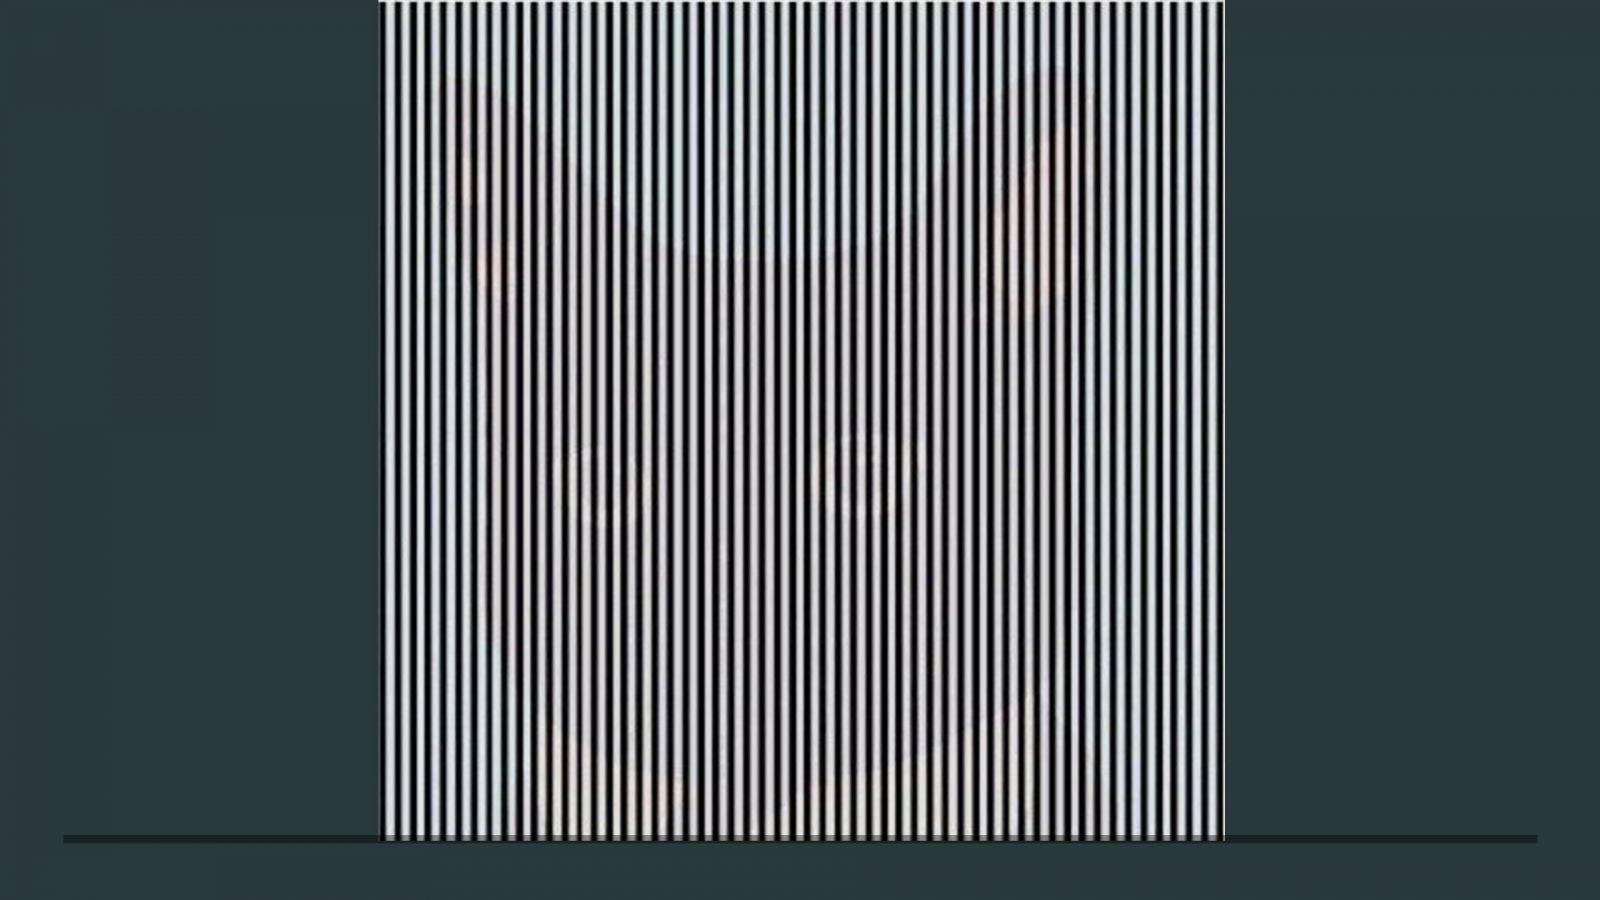 Что вы видите кроме черных и белых полосок